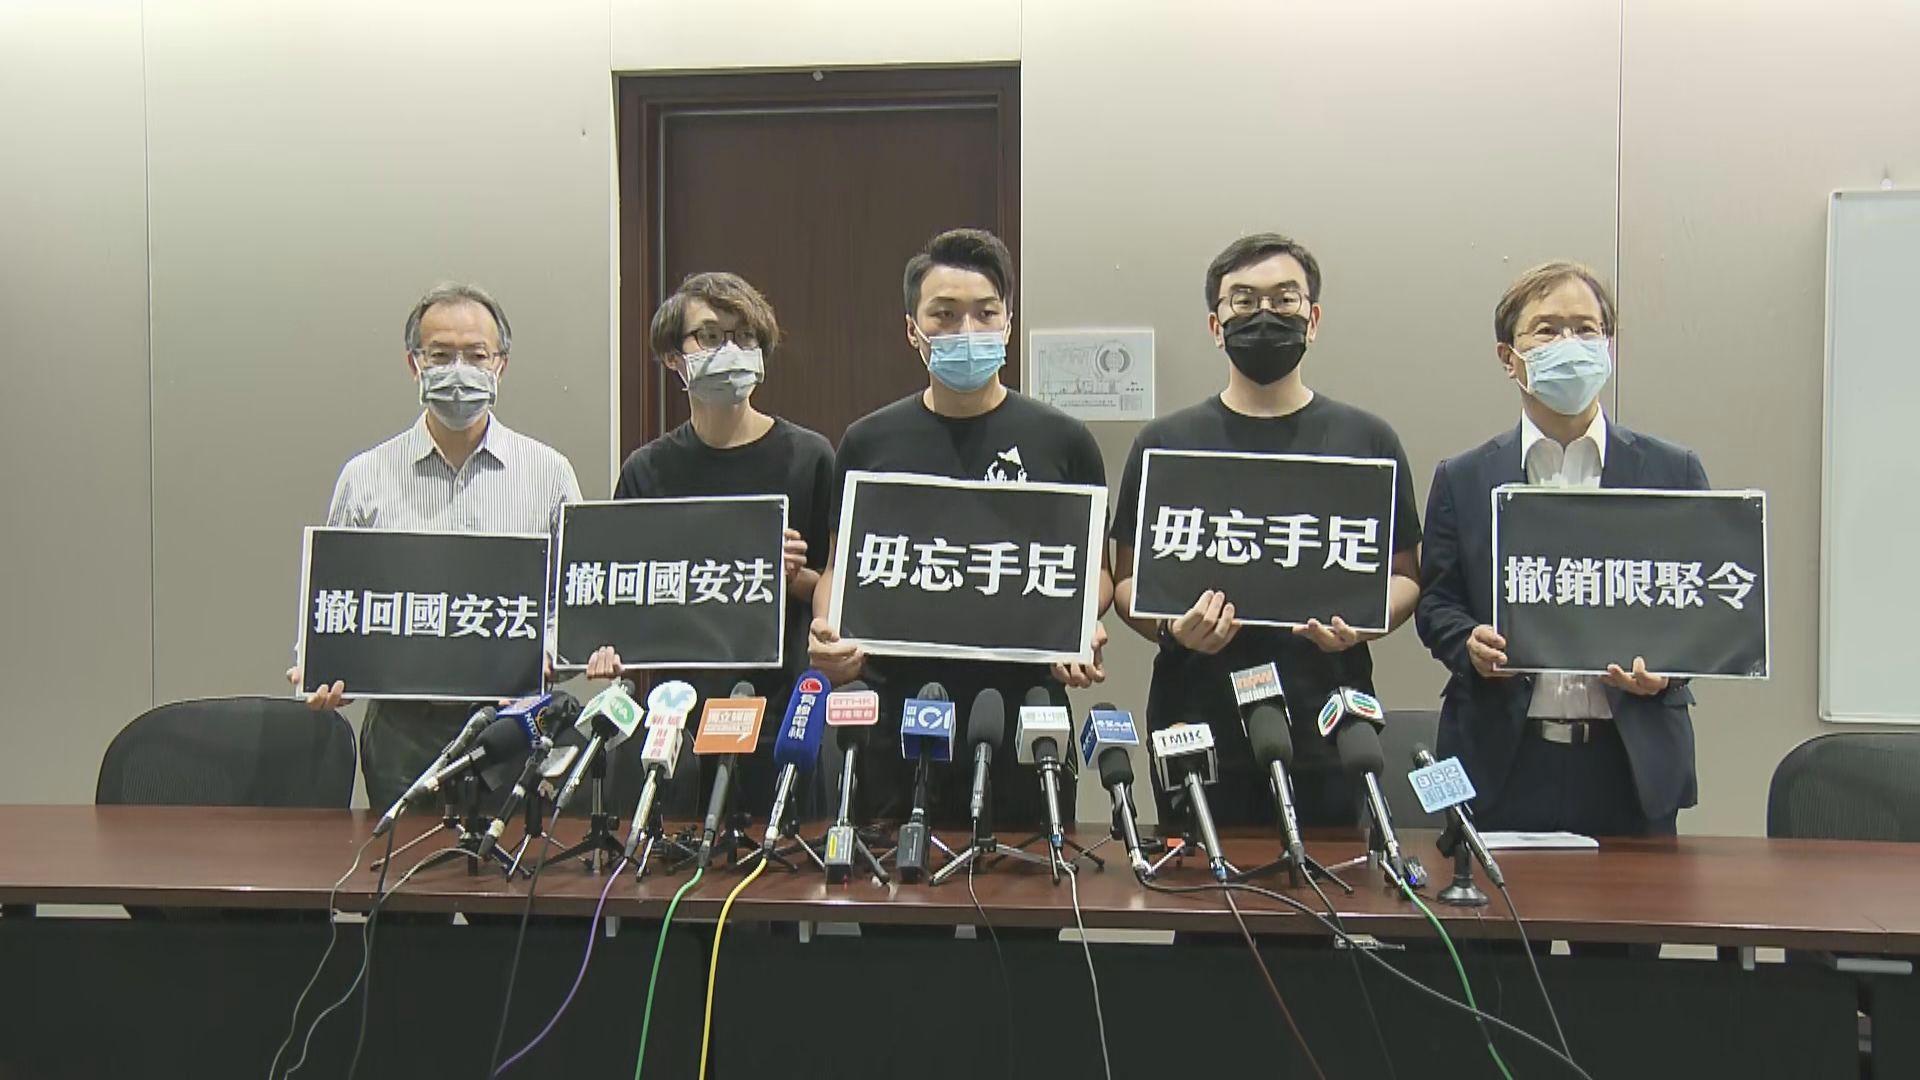 民陣擬本月舉辦反對港區國安法遊行